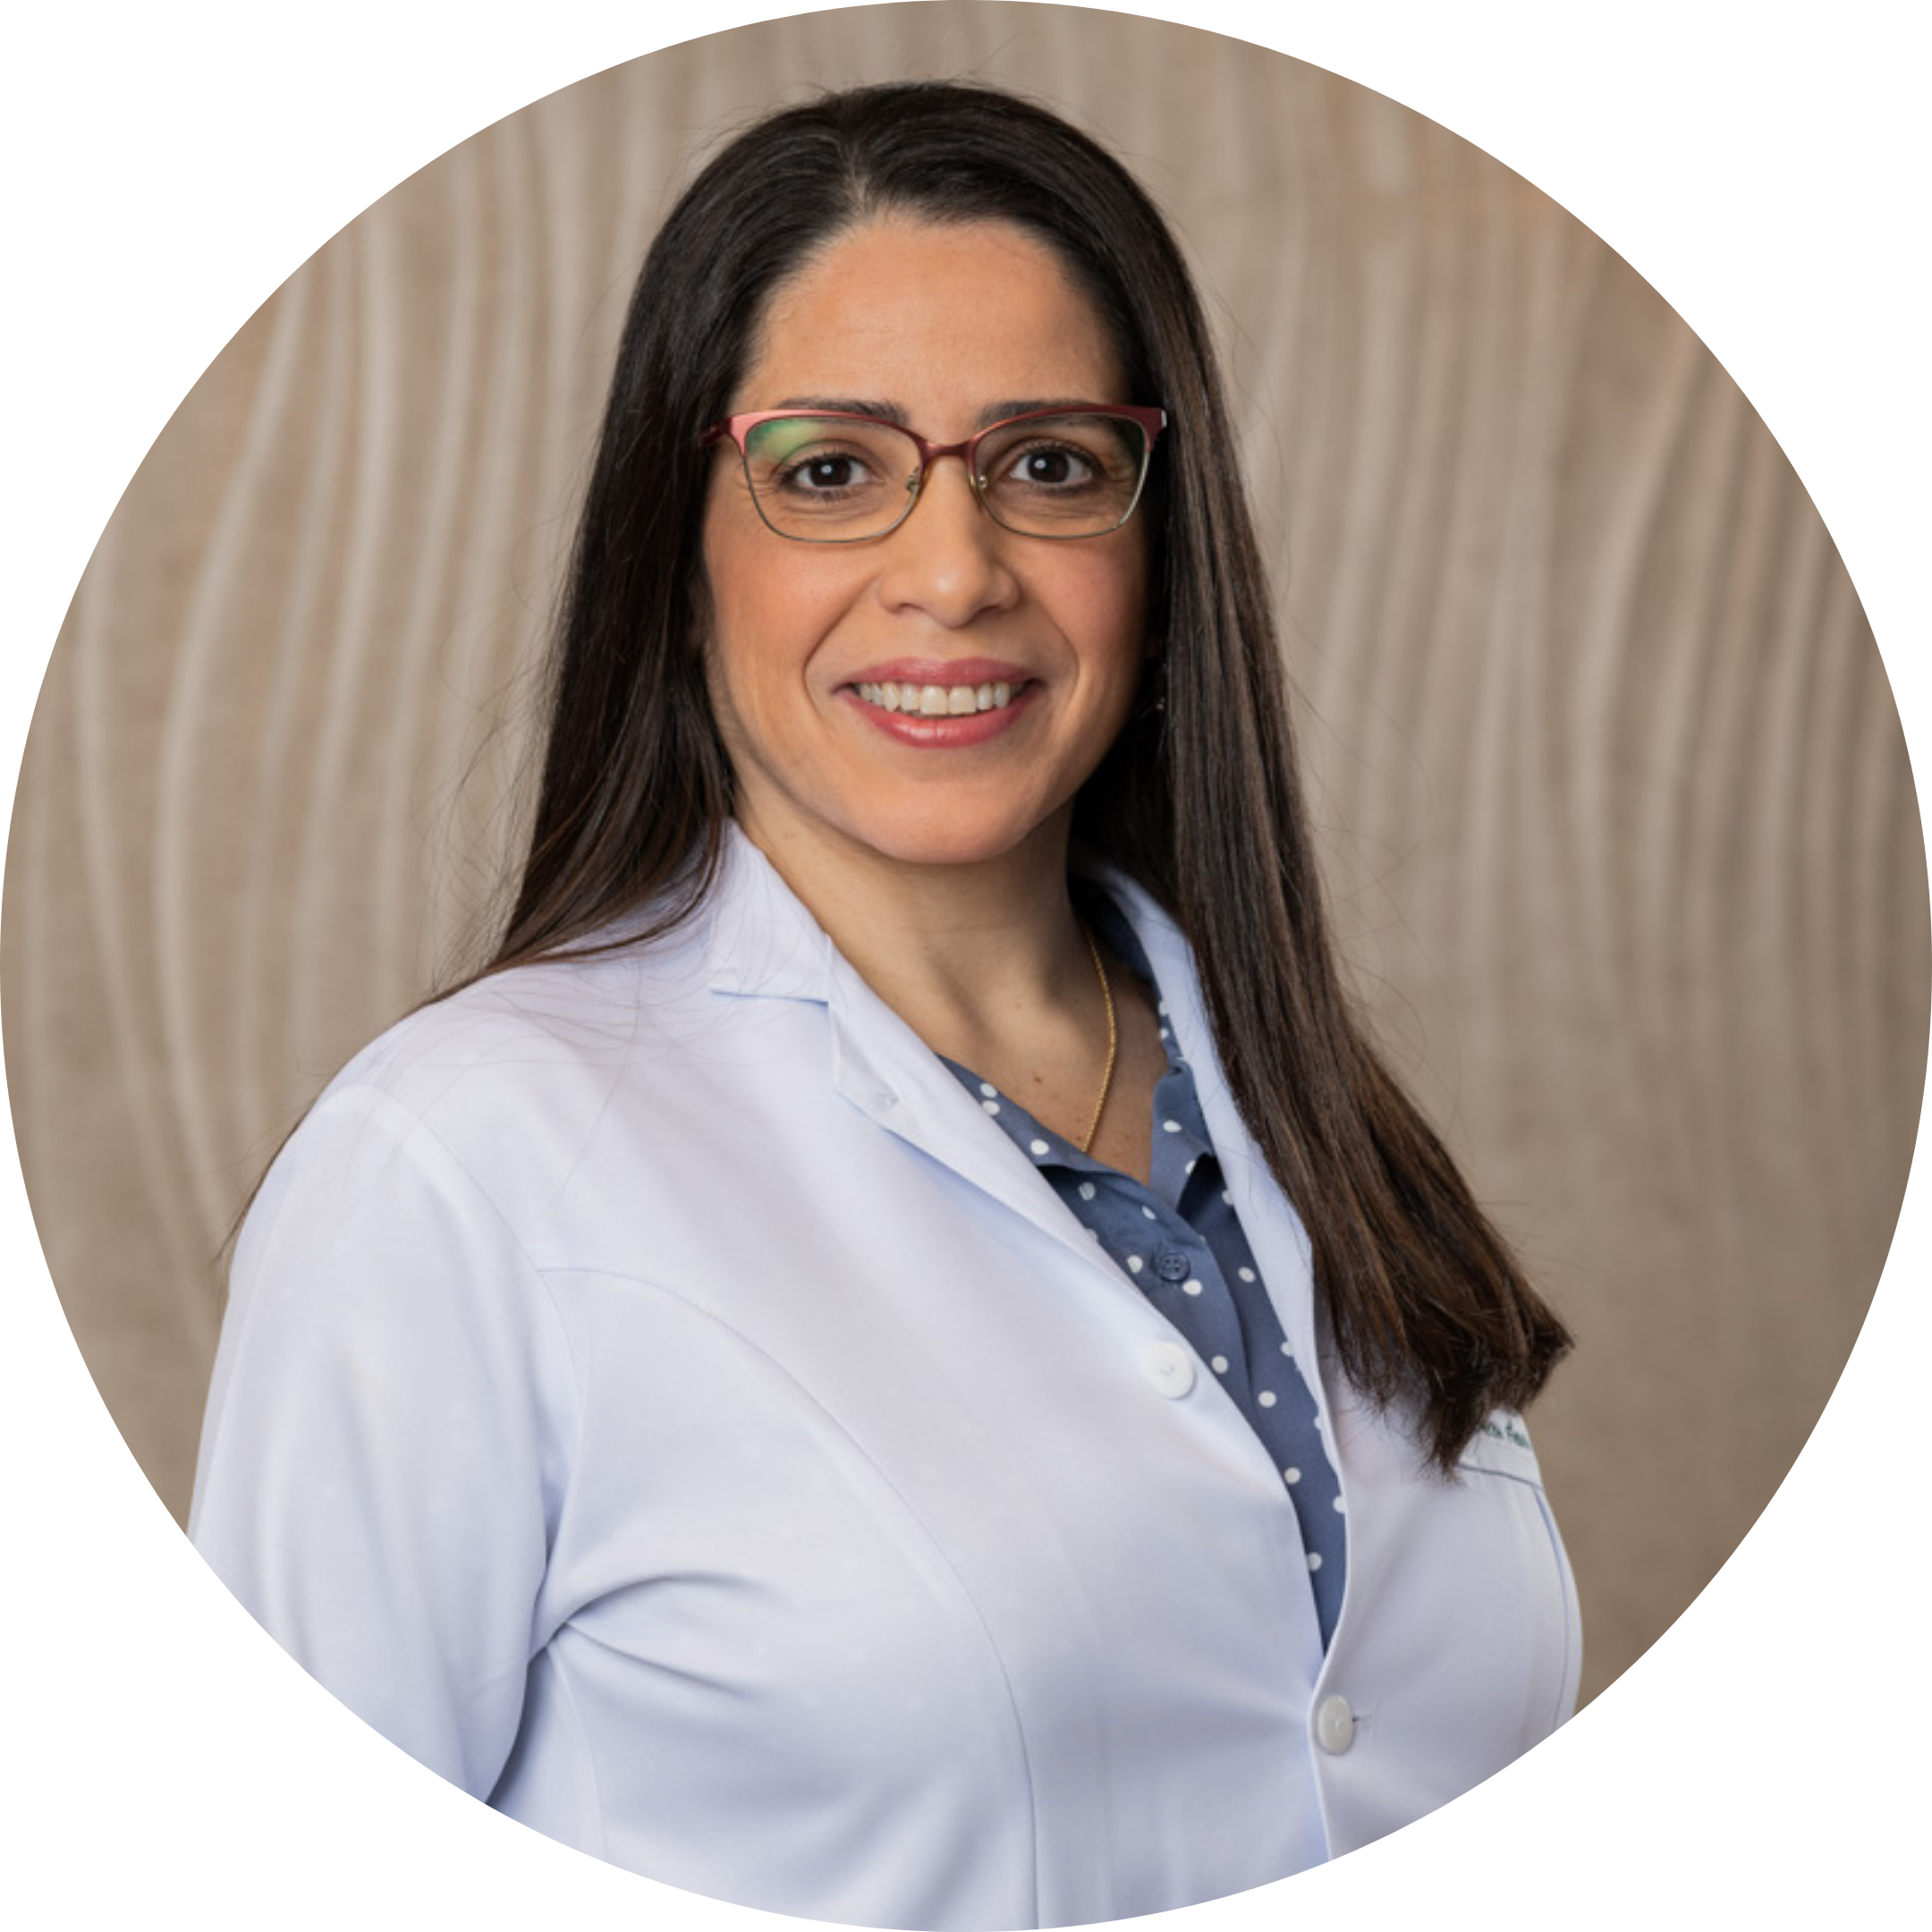 Pro Saude Oficial 12 - Dra. Ana Carmen Cruz